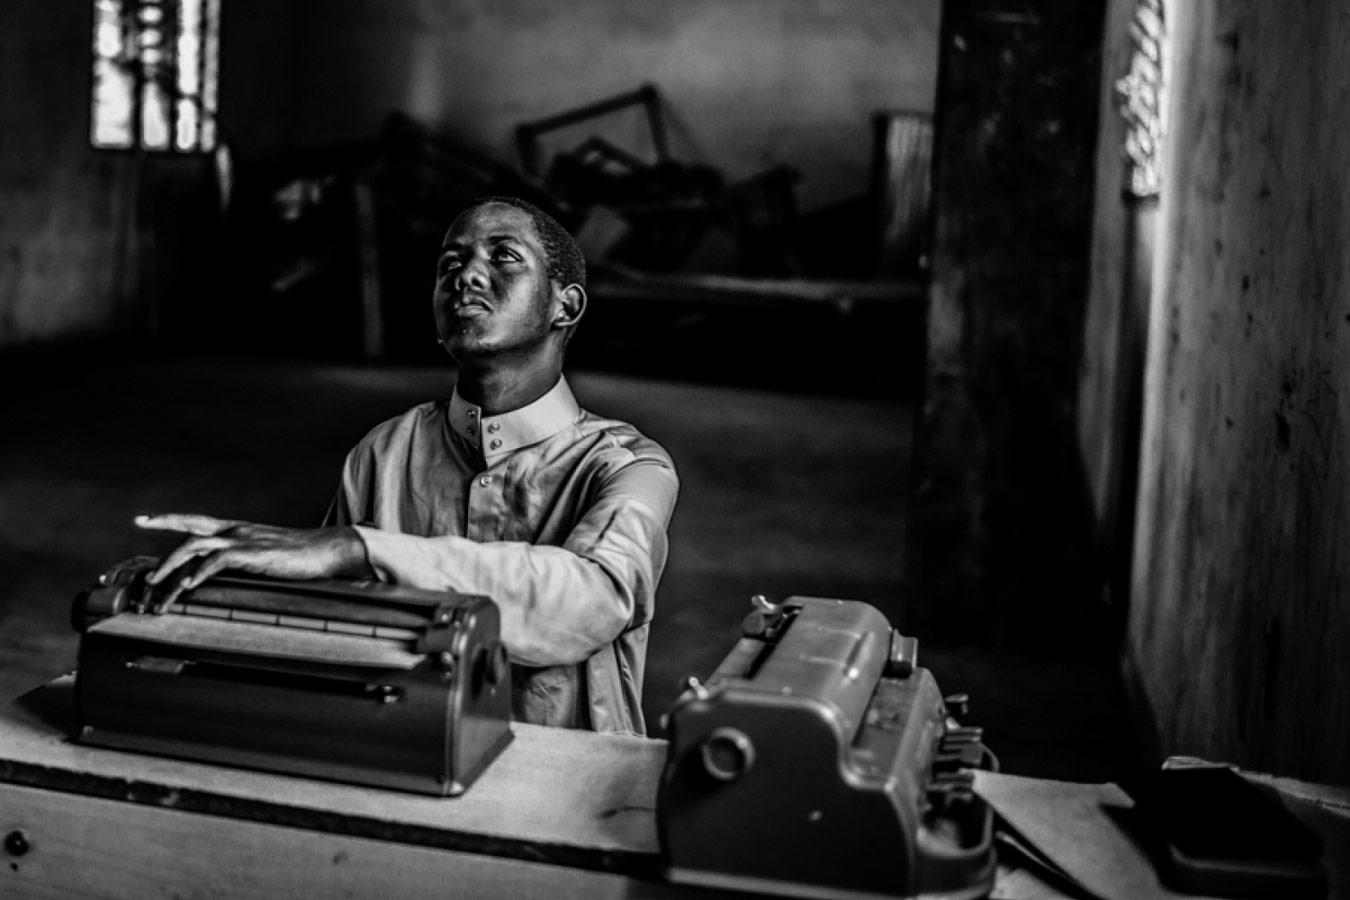 Тройной риск и всё ещё светло, © Эдуардо ЛОПЕС МОРЕНО, 3-е место в категории «Люди и животные», непрофессионал, Фотоконкурс «Зебра» — Zebra — Чёрно-белый фотограф года